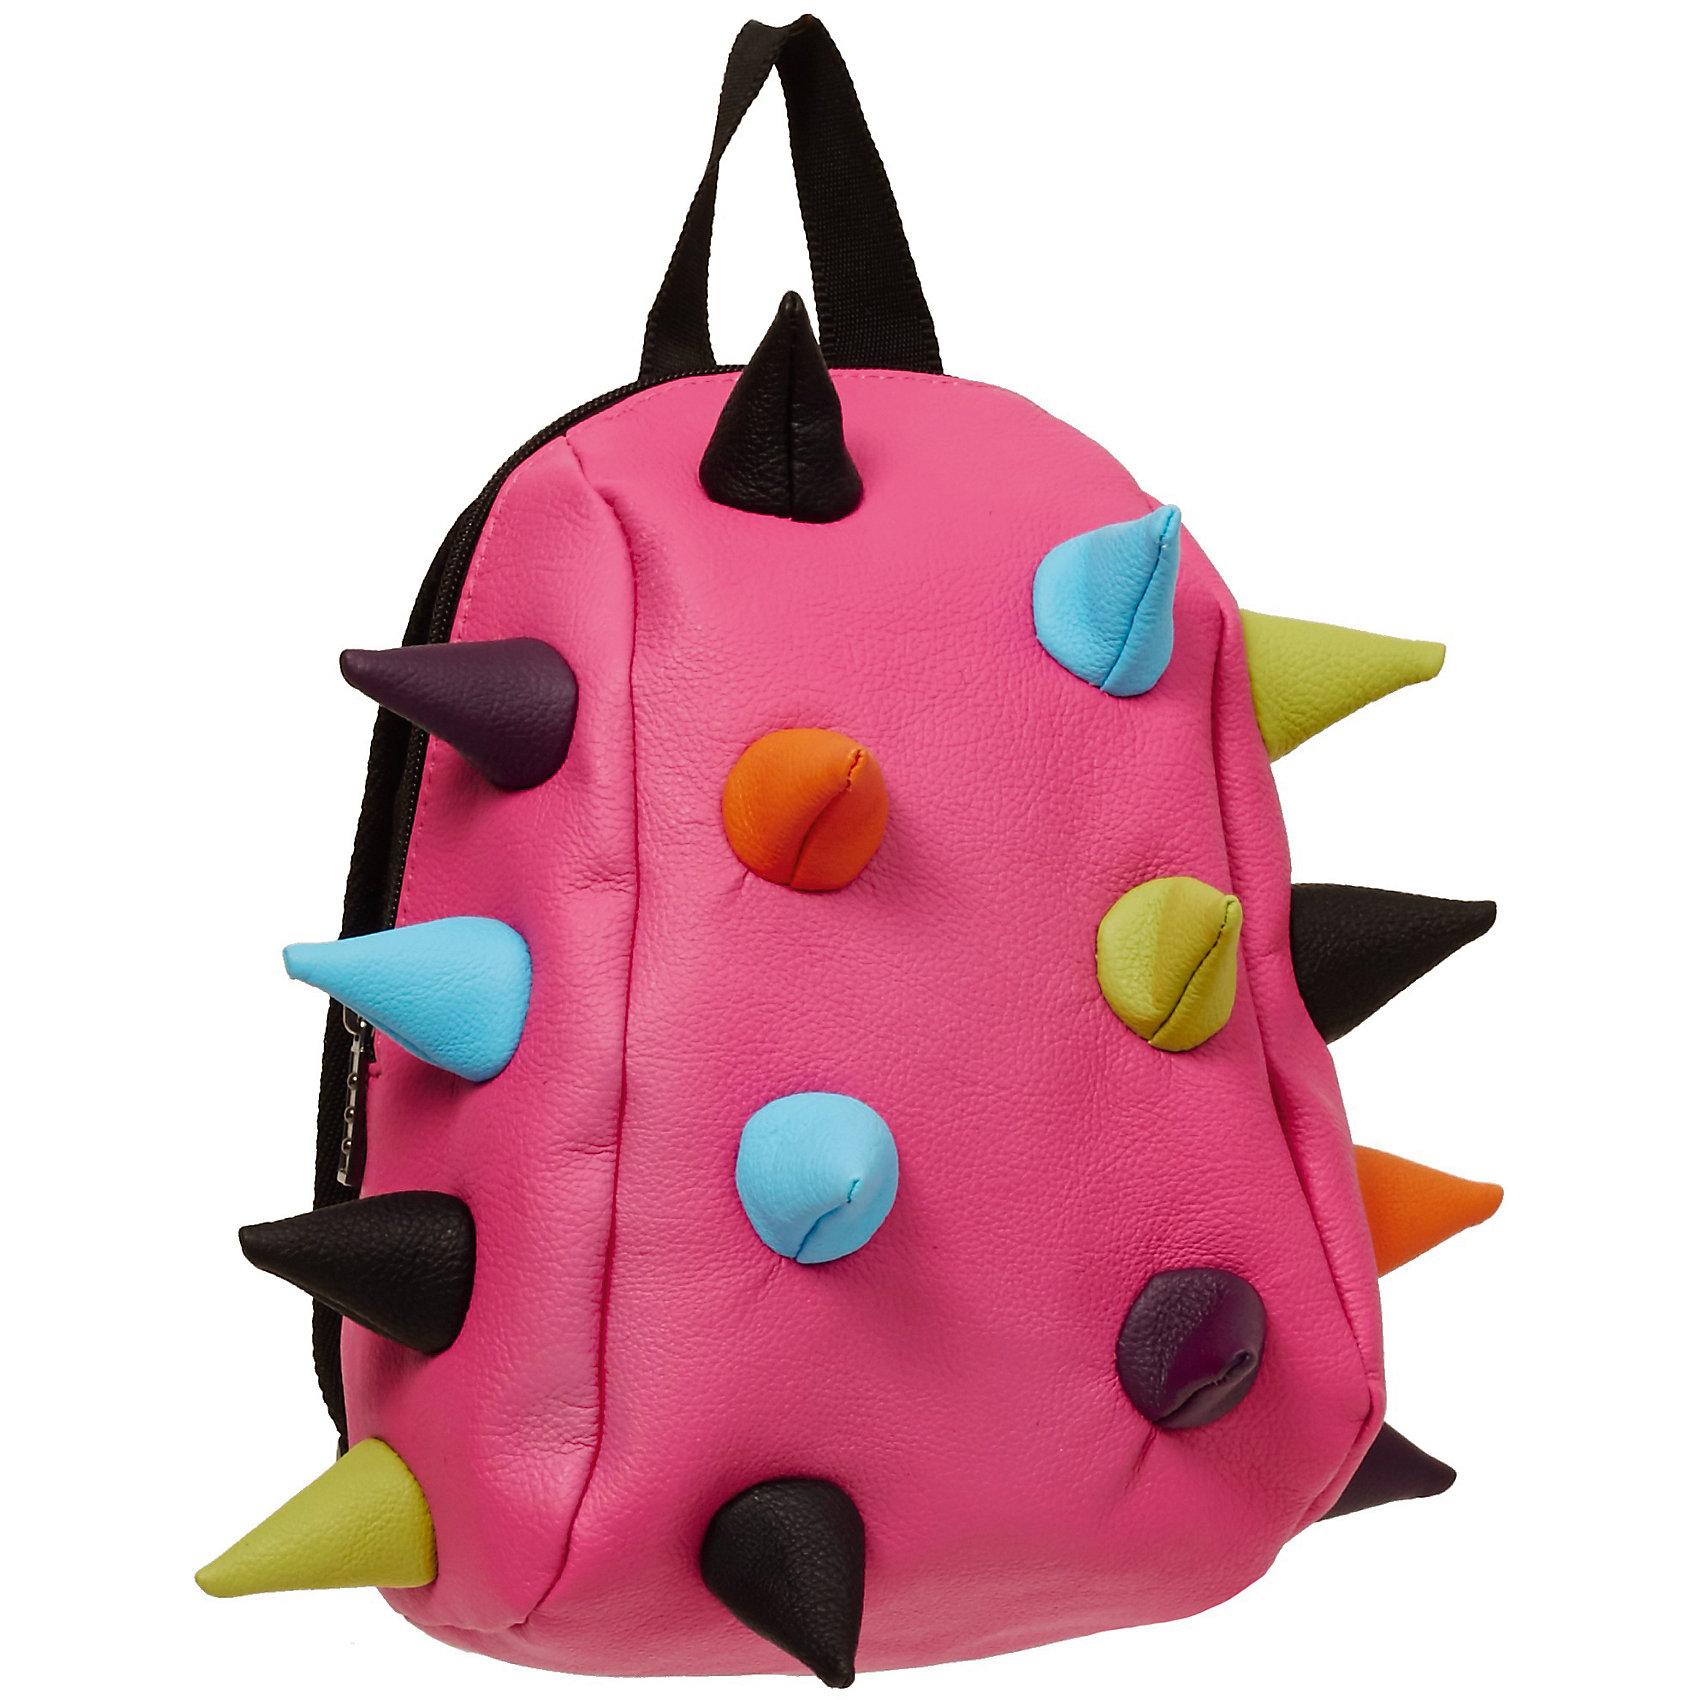 Рюкзак Rex Pint Mini 2, цвет розовый мультиСтильный рюкзак-мини «Rex Mini» несомненно порадует маленьких детей.<br>Маленькие вместительные монстрики, приведут в восторг беззаботных детишек, а заодно решат проблему родителей с хранением всякой мелочи, как например, запасной футболки с любимым героем мультфильма, карандашами и другими мелкими, но не менее необходимыми личными вещами малышей.<br>Рюкзак имеет один просторный отсек с застежкой на молнию, длину лямок можно легко регулировать.<br><br>Ширина мм: 31<br>Глубина мм: 23<br>Высота мм: 15<br>Вес г: 272<br>Возраст от месяцев: 36<br>Возраст до месяцев: 420<br>Пол: Унисекс<br>Возраст: Детский<br>SKU: 5344332